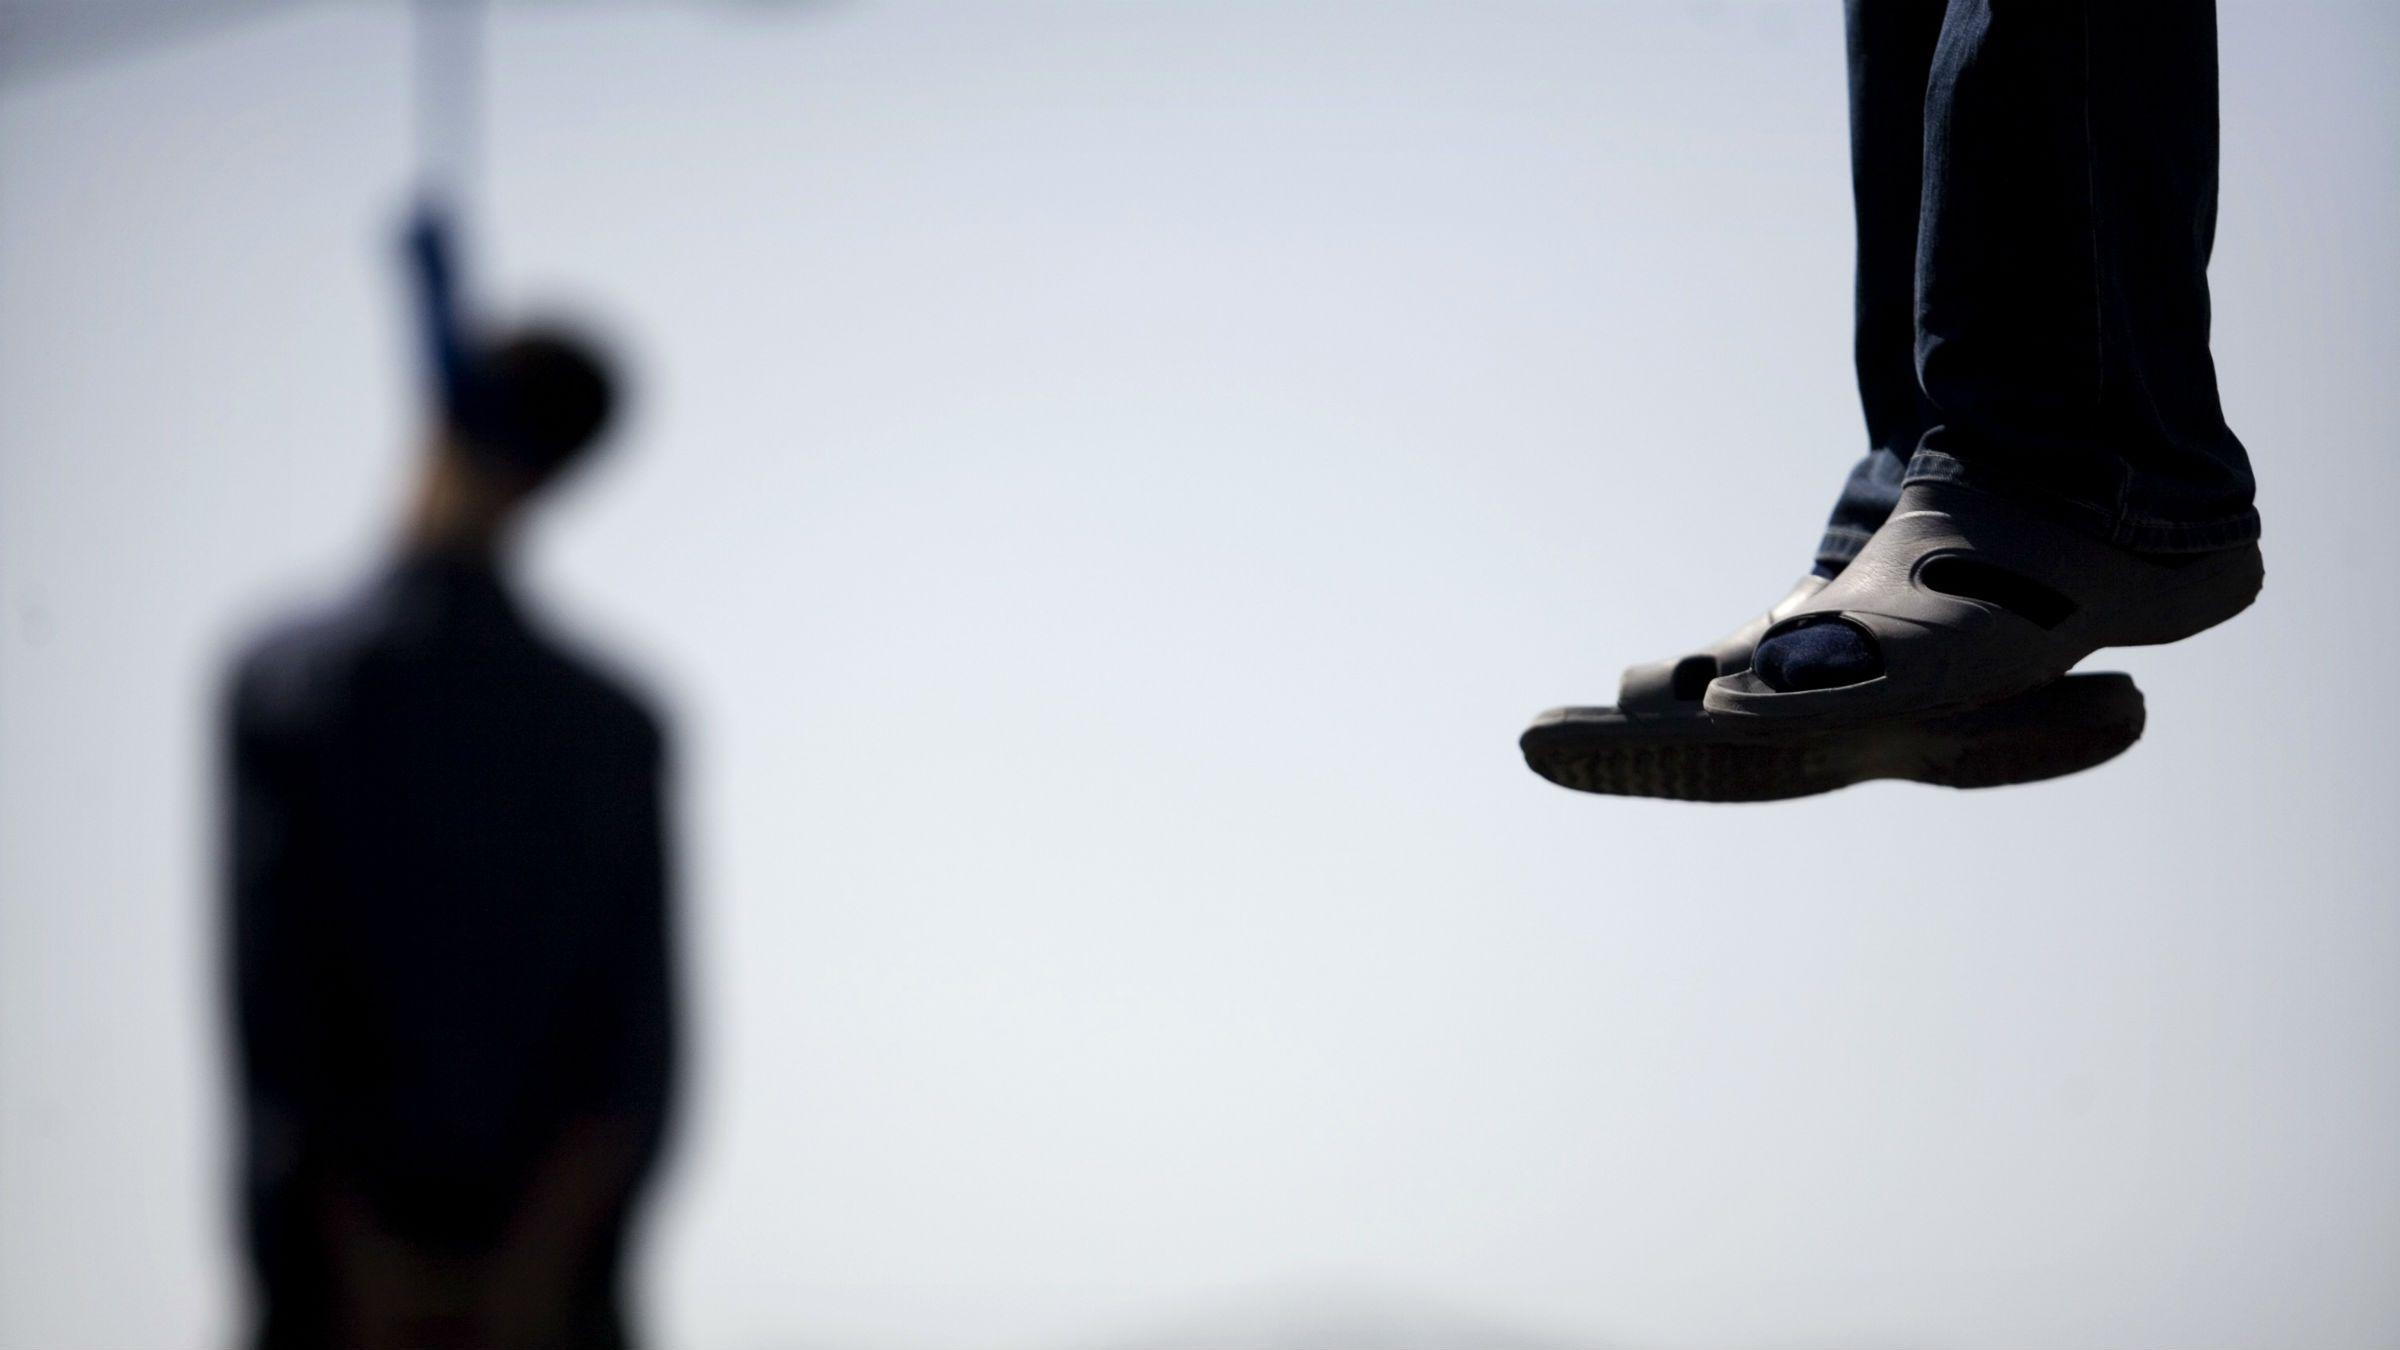 Hung men in Iran